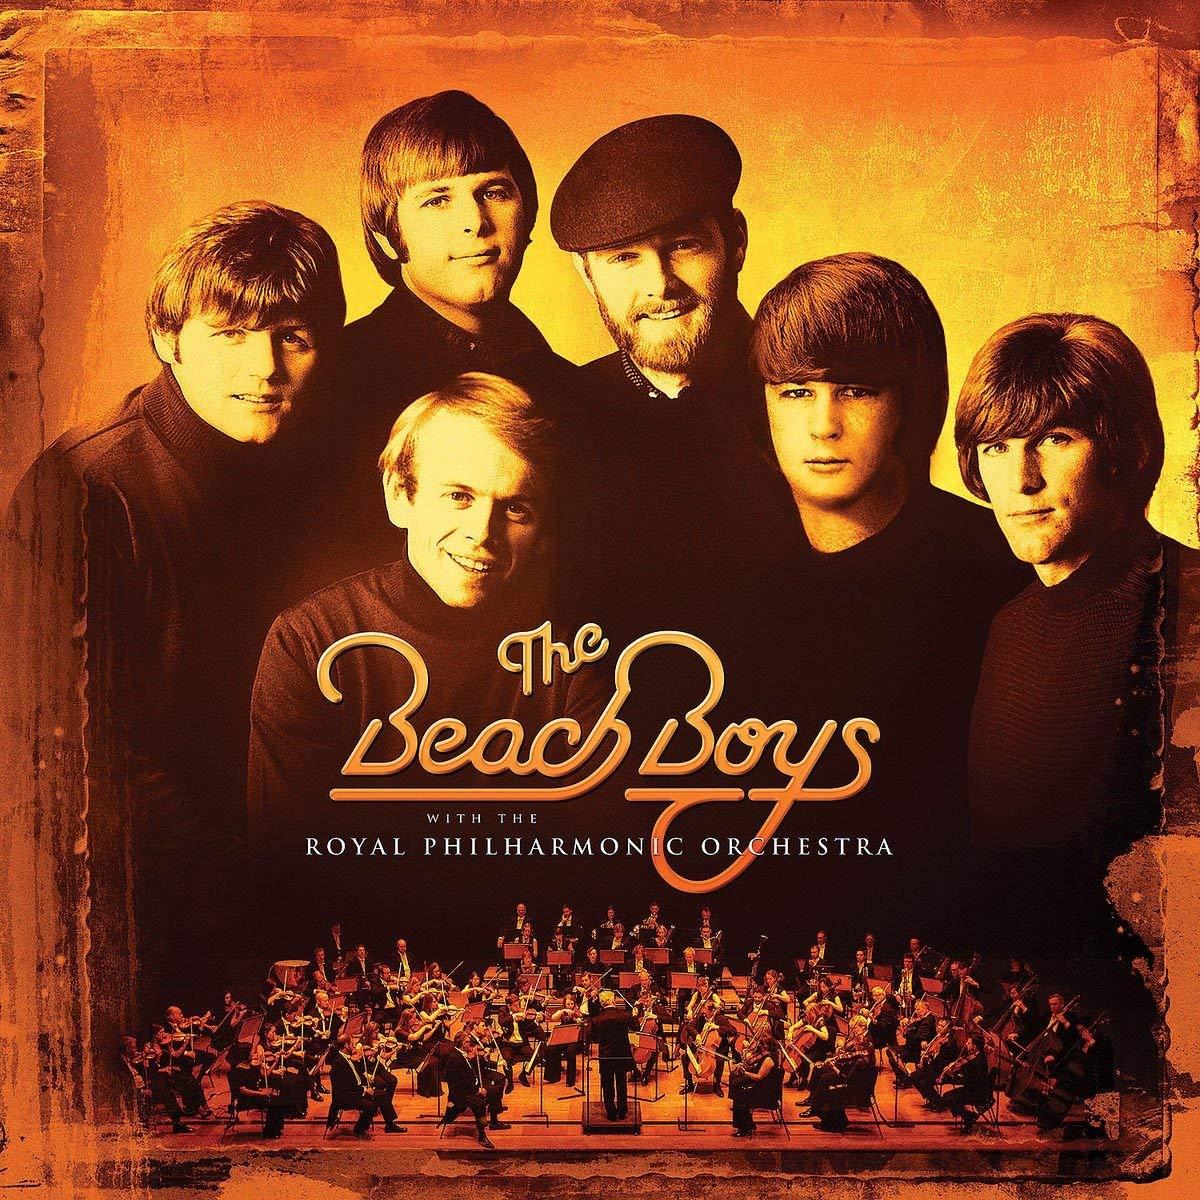 The Beach Boys,The Royal Philharmonic Orchestra The Beach Boys. The Beach Boys With The Royal Philharmonic Orchestra (LP) flannel skidproof bathroom rug with beach print